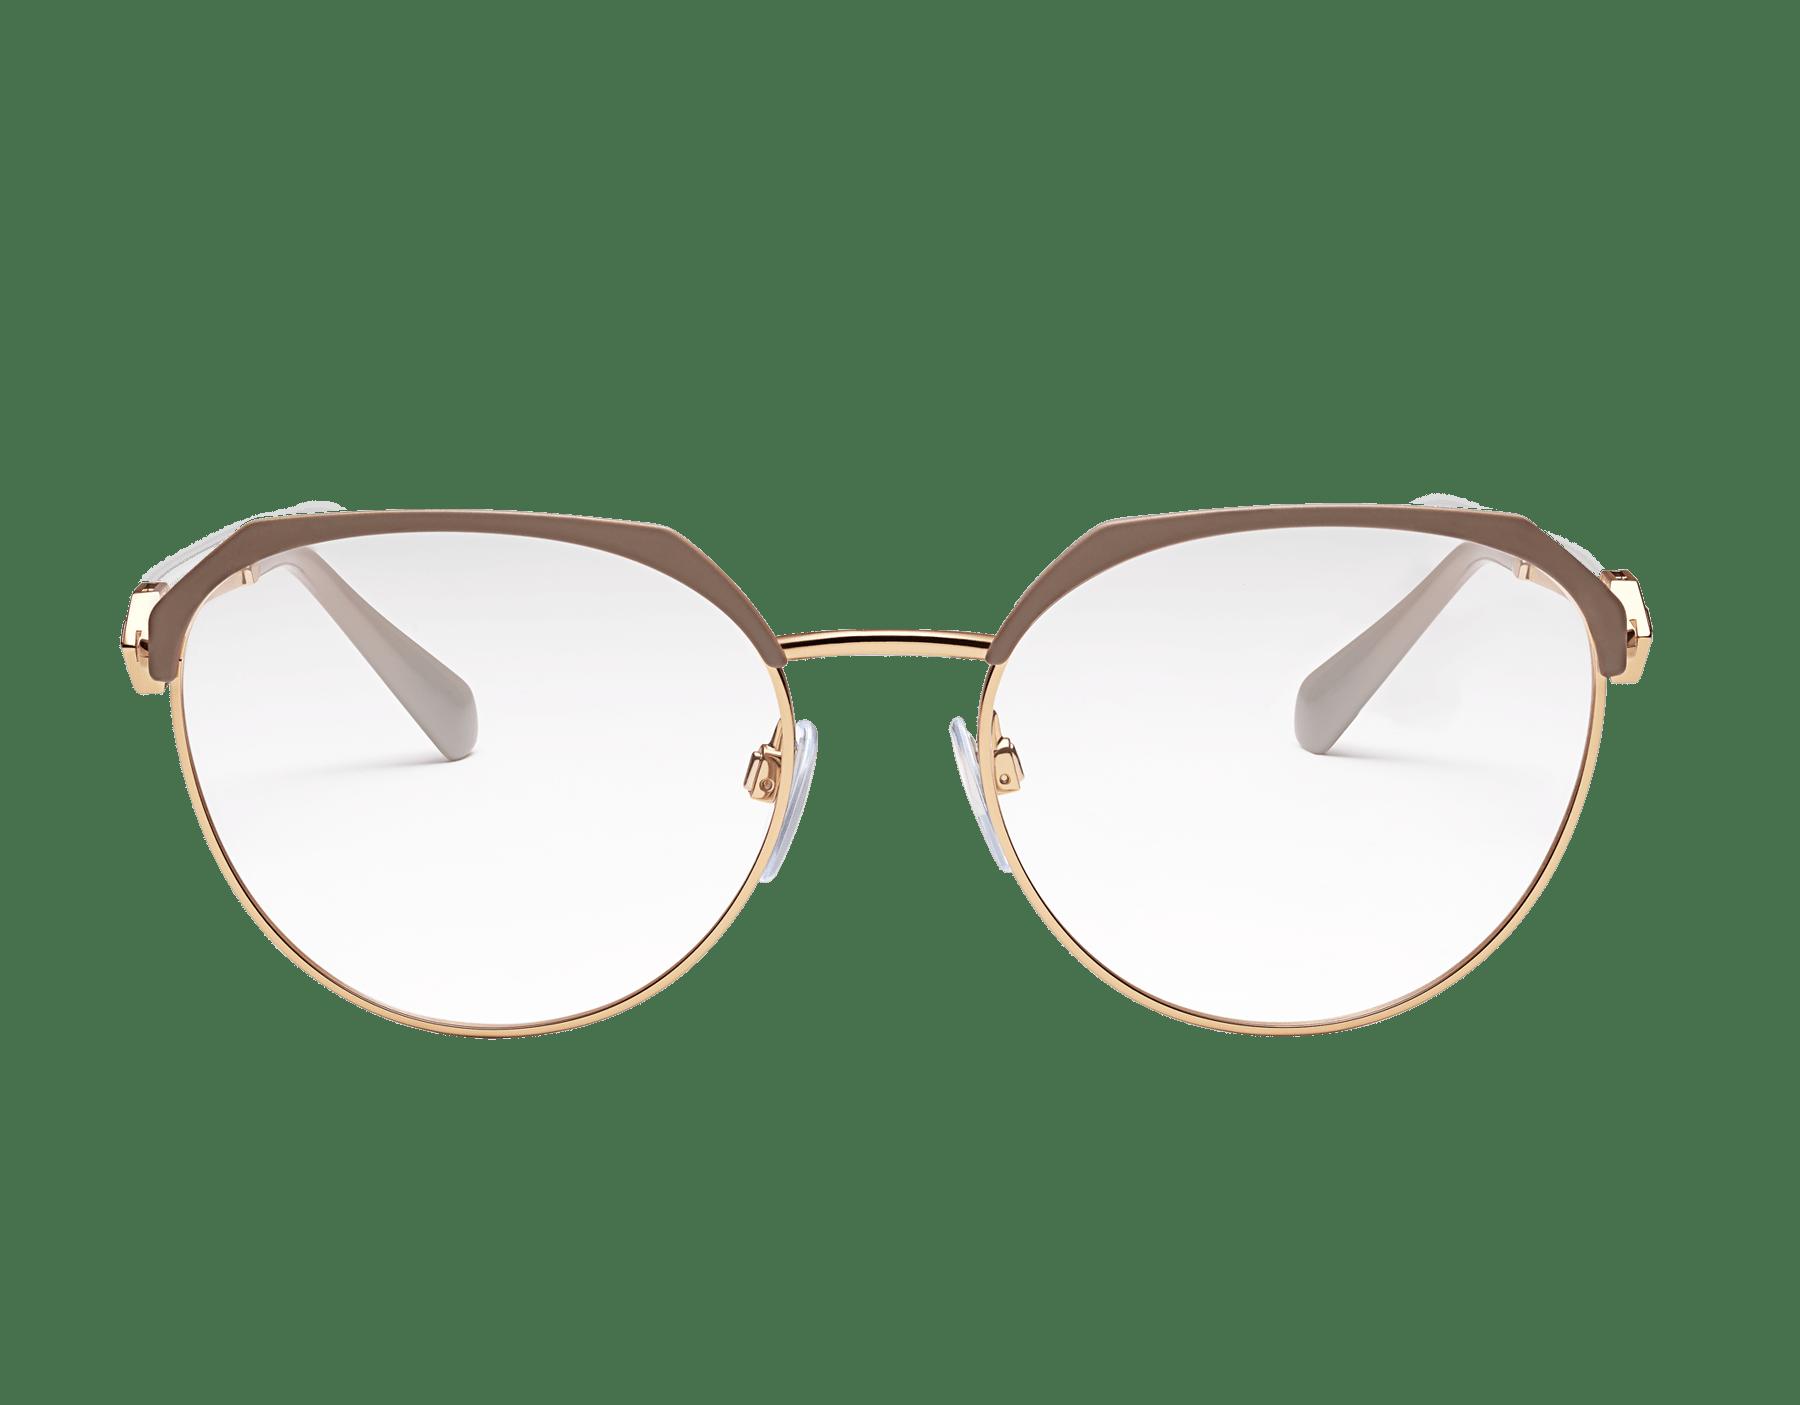 Eckige Bvlgari Serpenti Korrekturbrille aus Metall mit durchbrochener Serpenti Metallverzierung und Kristallen. 903944 image 2